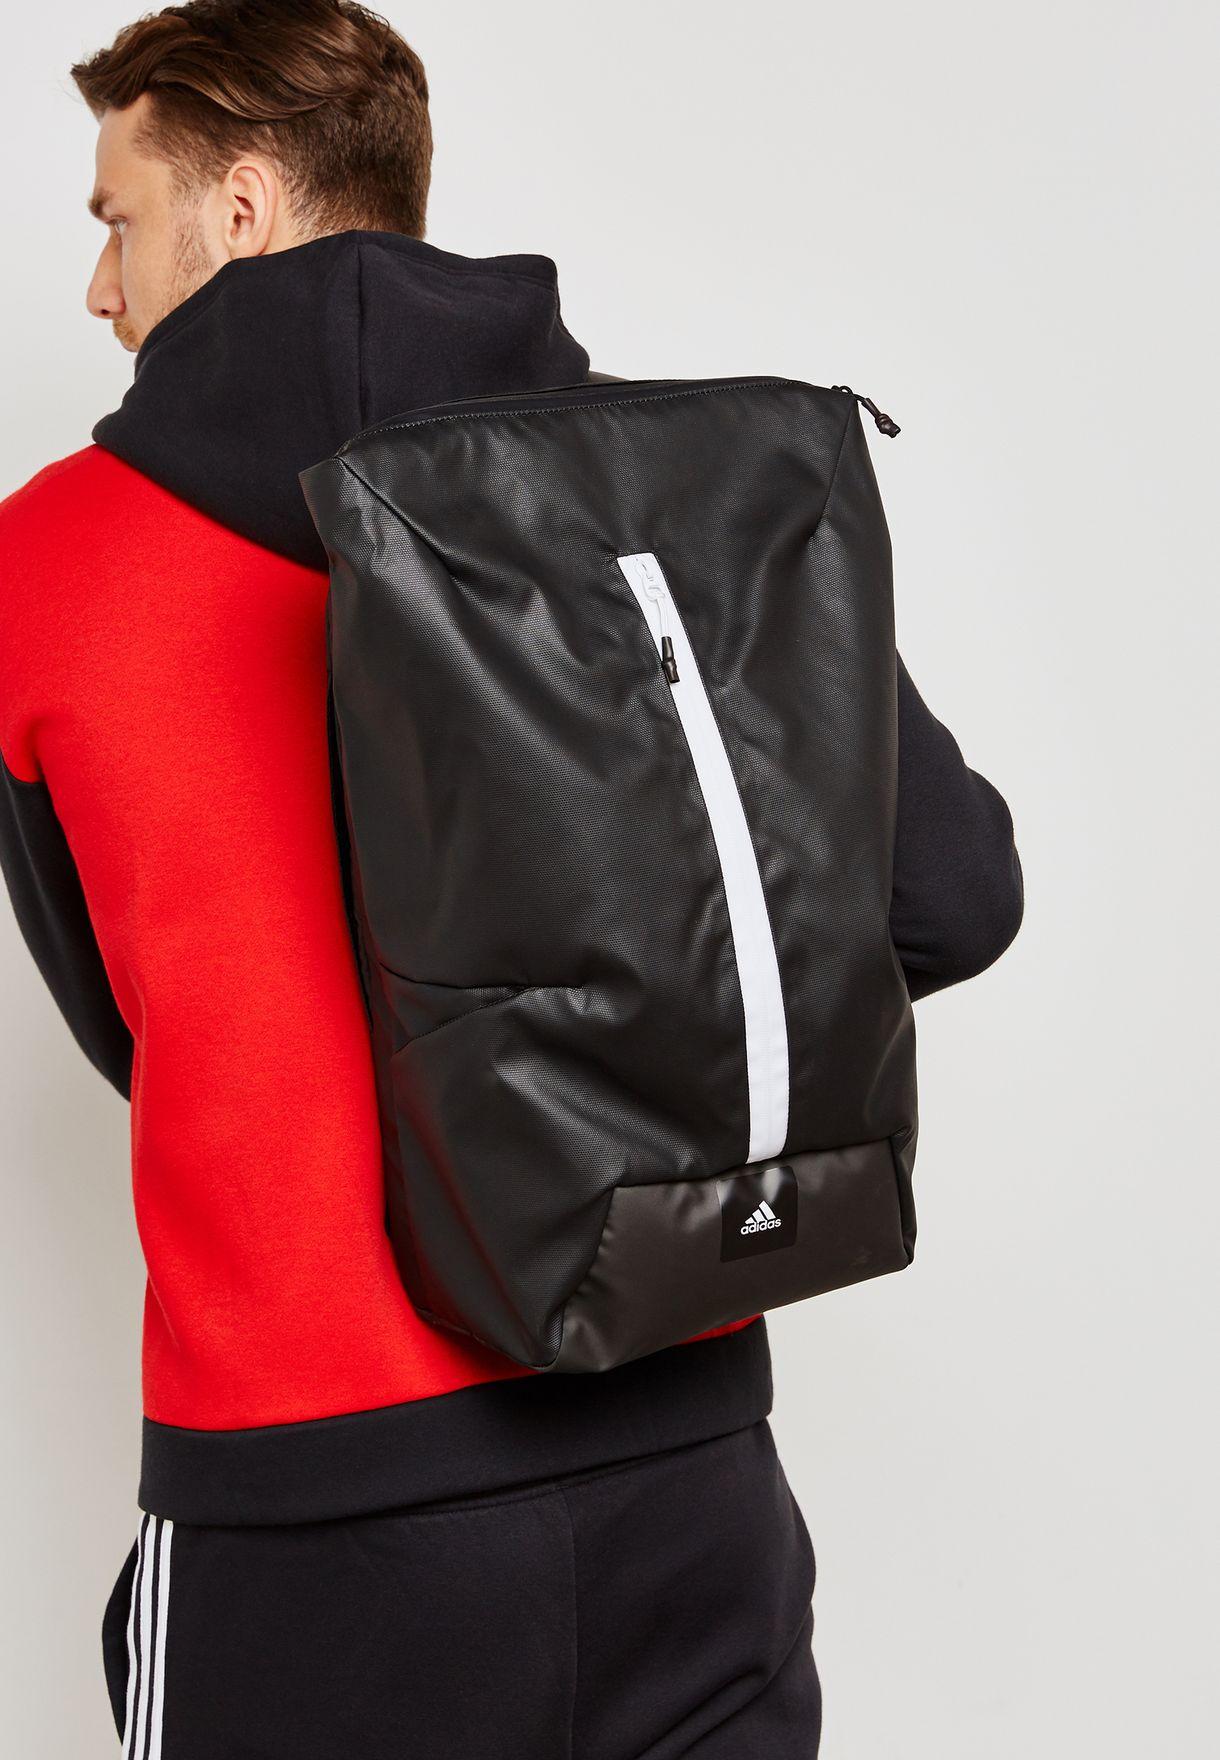 a79a2b683f31 Shop adidas black Z.N.E Backpack CY6061 for Men in UAE - AD476AC76WDB